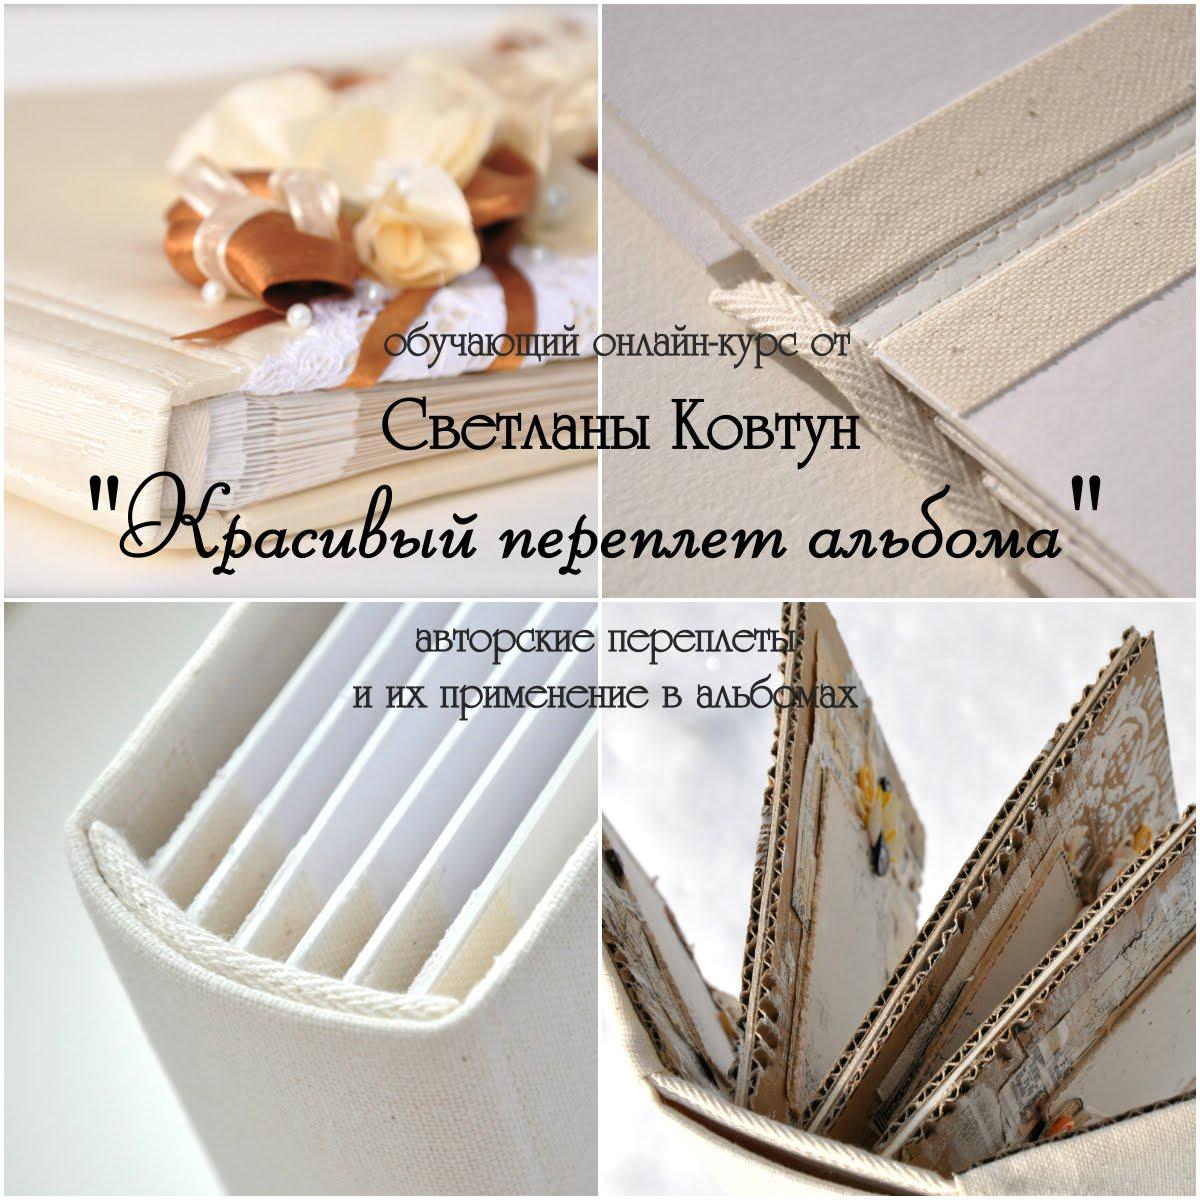 """Я прошла ОНЛАЙН-КУРС """"КРАСИВЫЙ ПЕРЕПЛЕТ"""""""